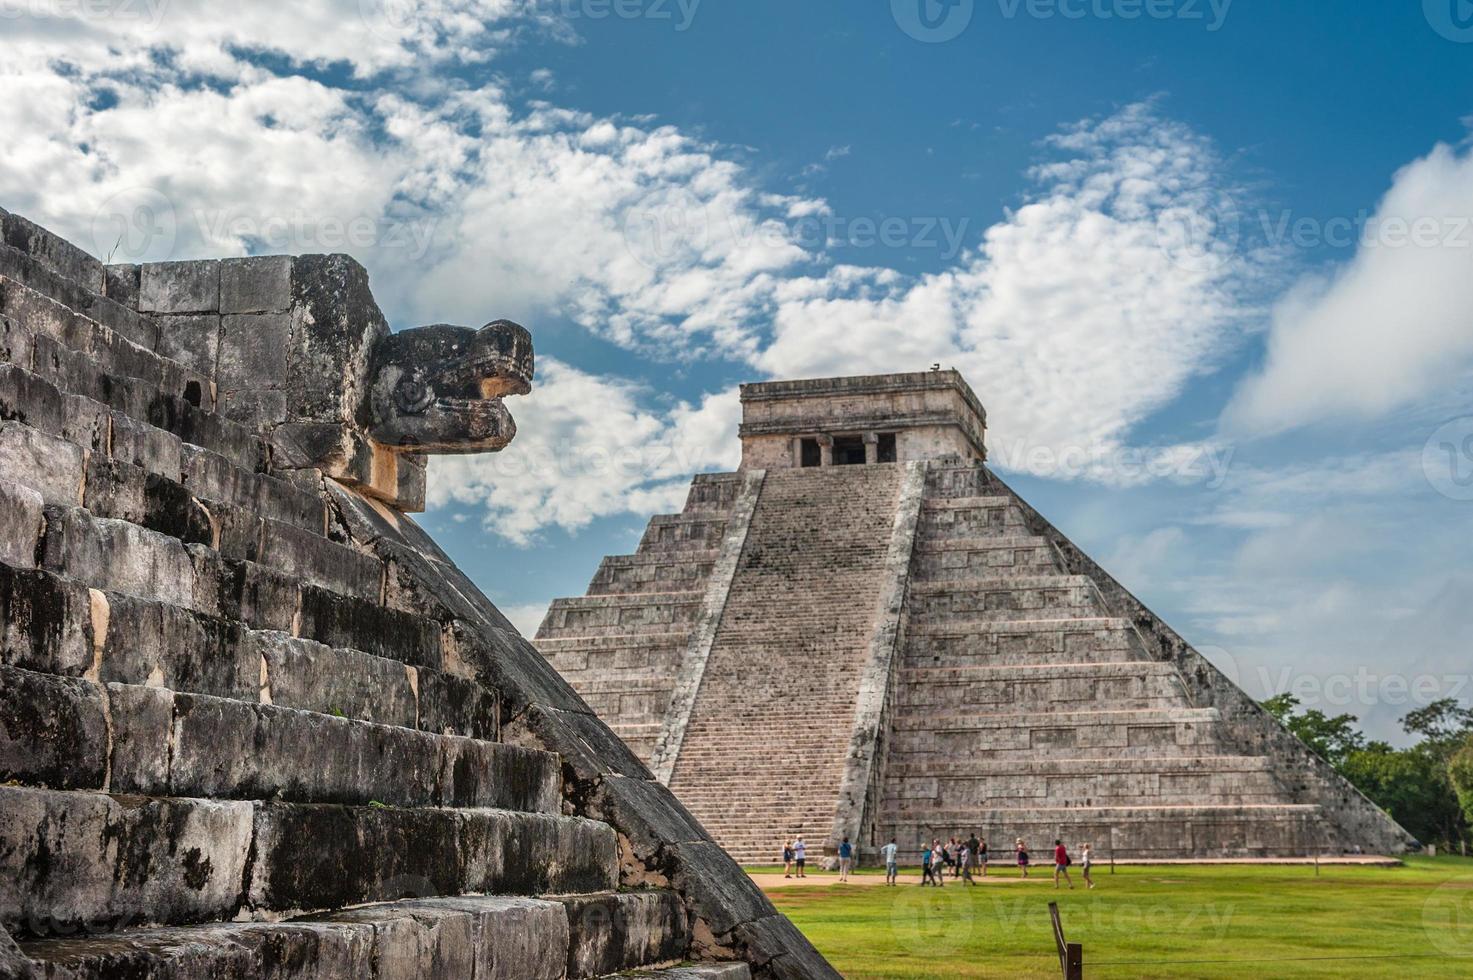 El Castillo oder Tempel der Kukulkan-Pyramide, Chichen Itza, Yucatan foto